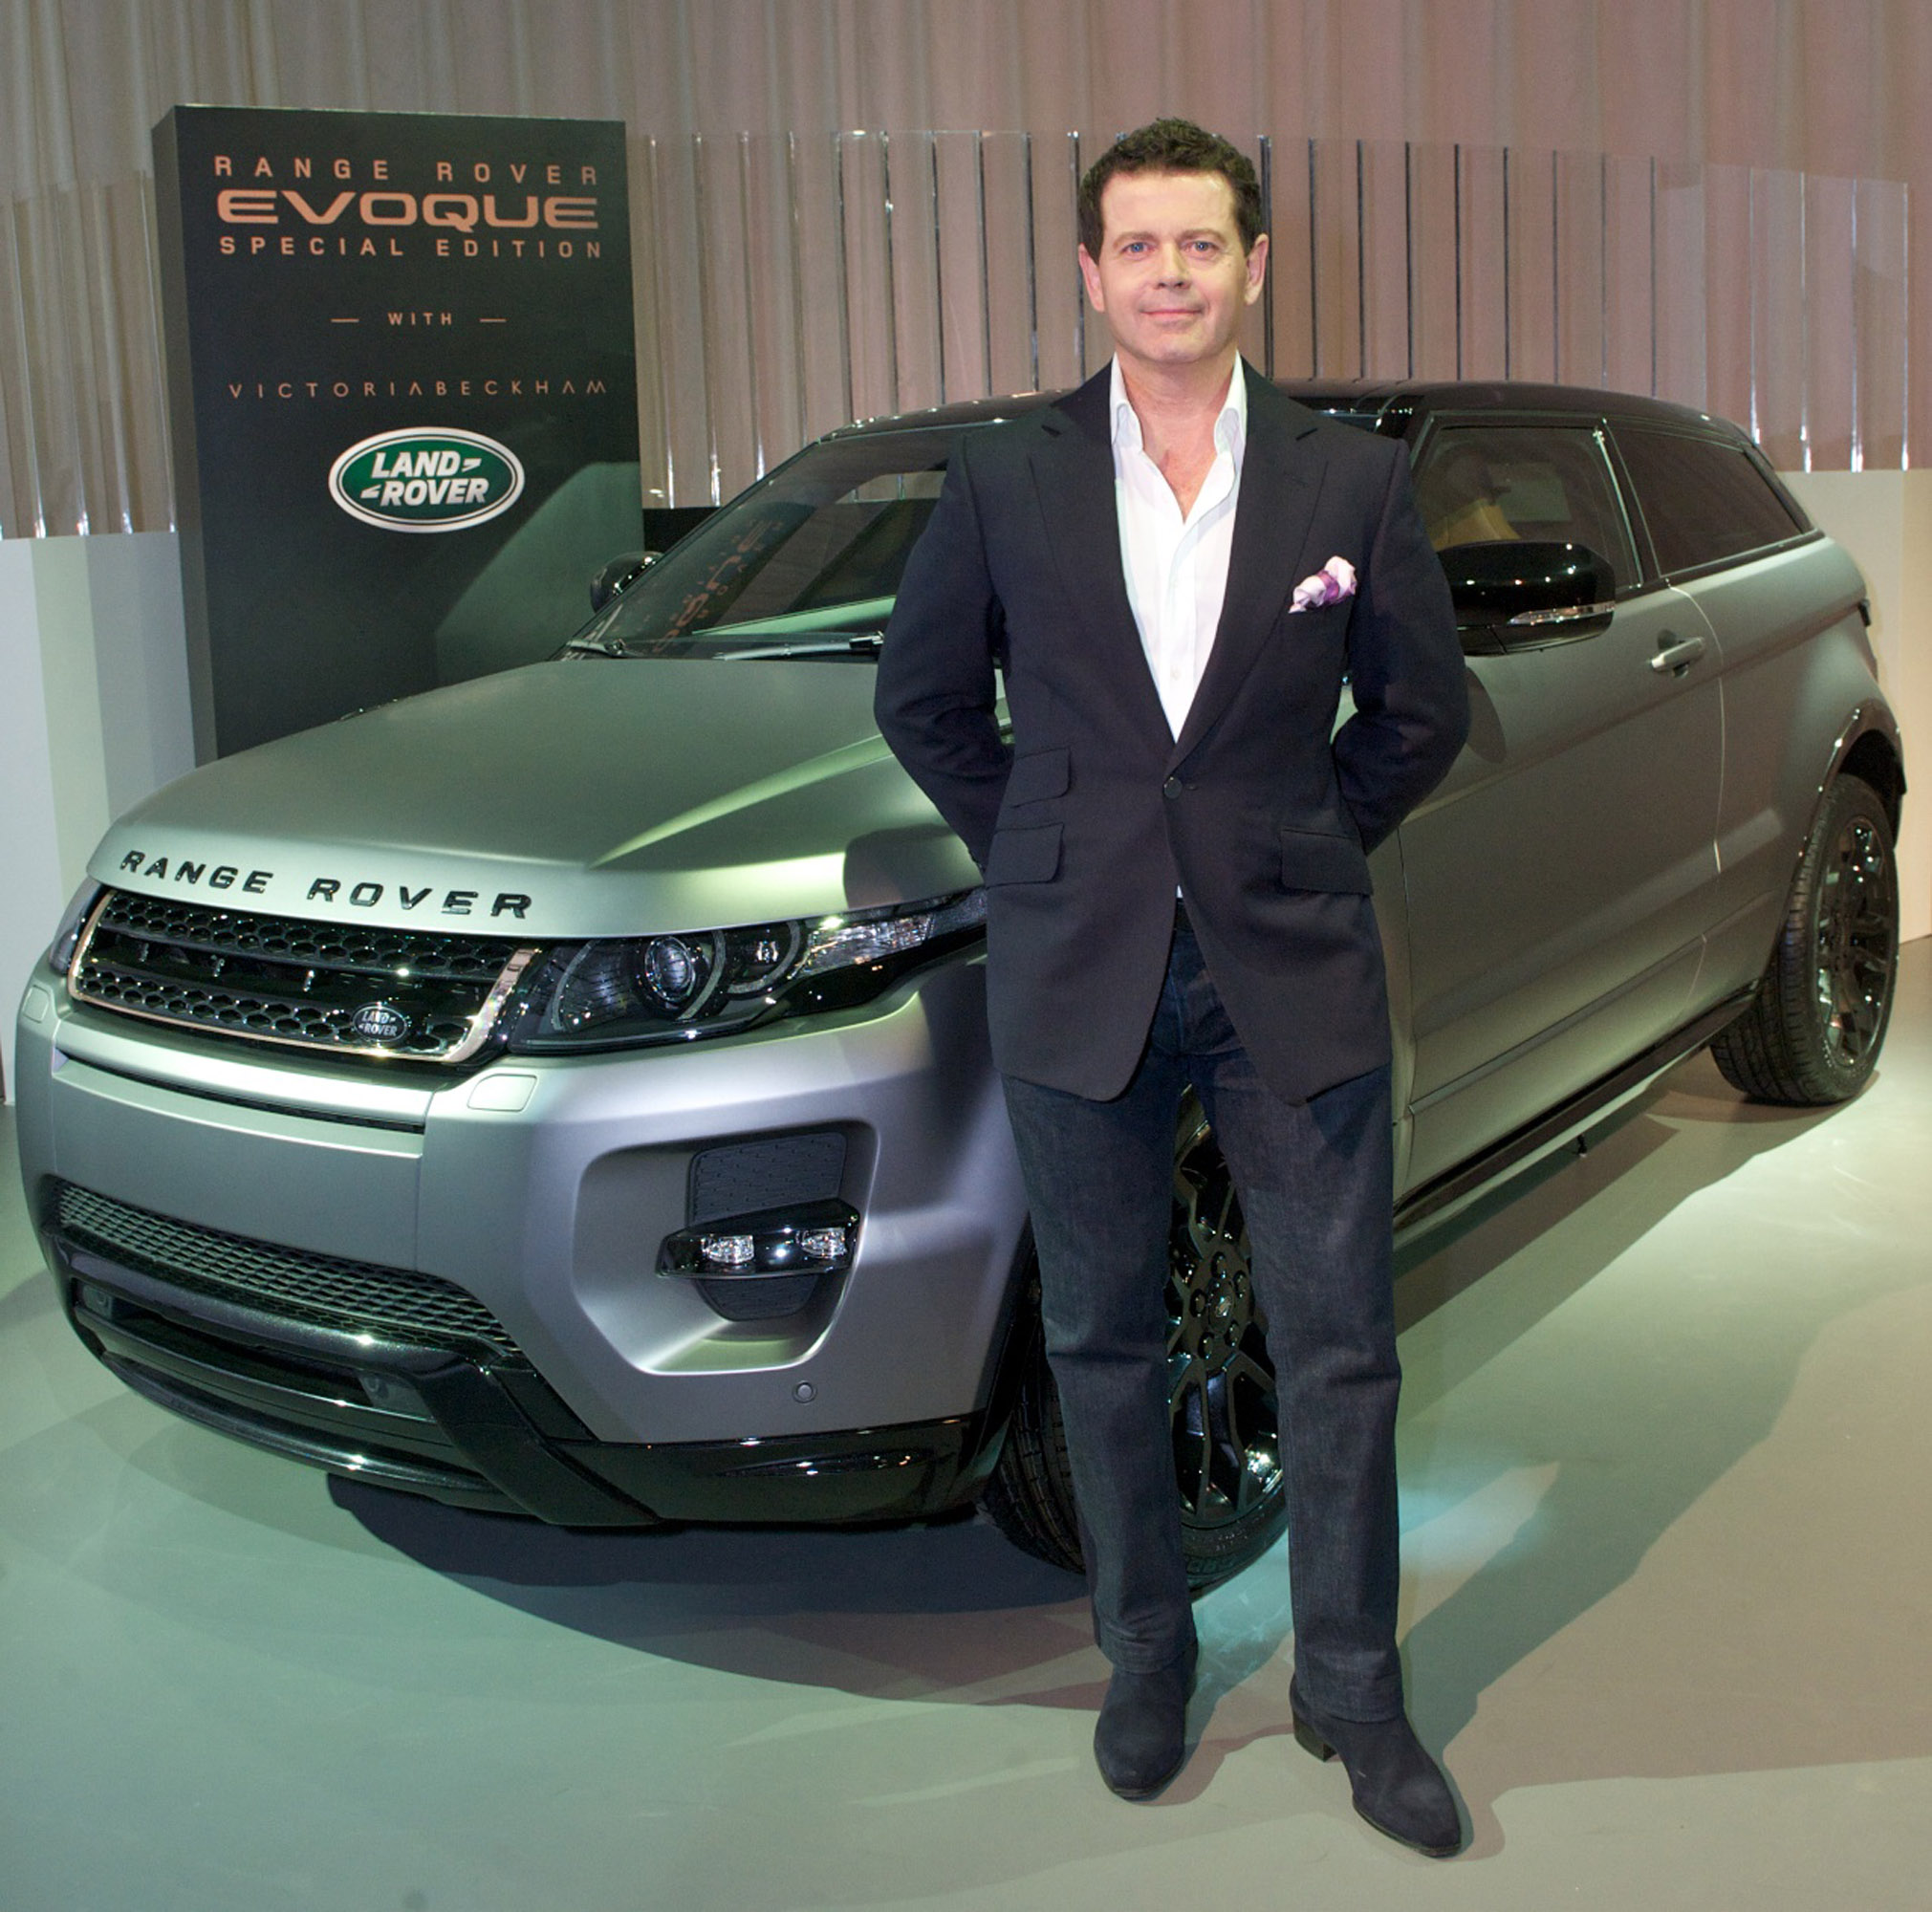 https://www.carsinvasion.com/gallery/2012-range-rover-evoque-victoria-beckham-edition/2012-range-rover-evoque-victoria-beckham-edition-04.jpg